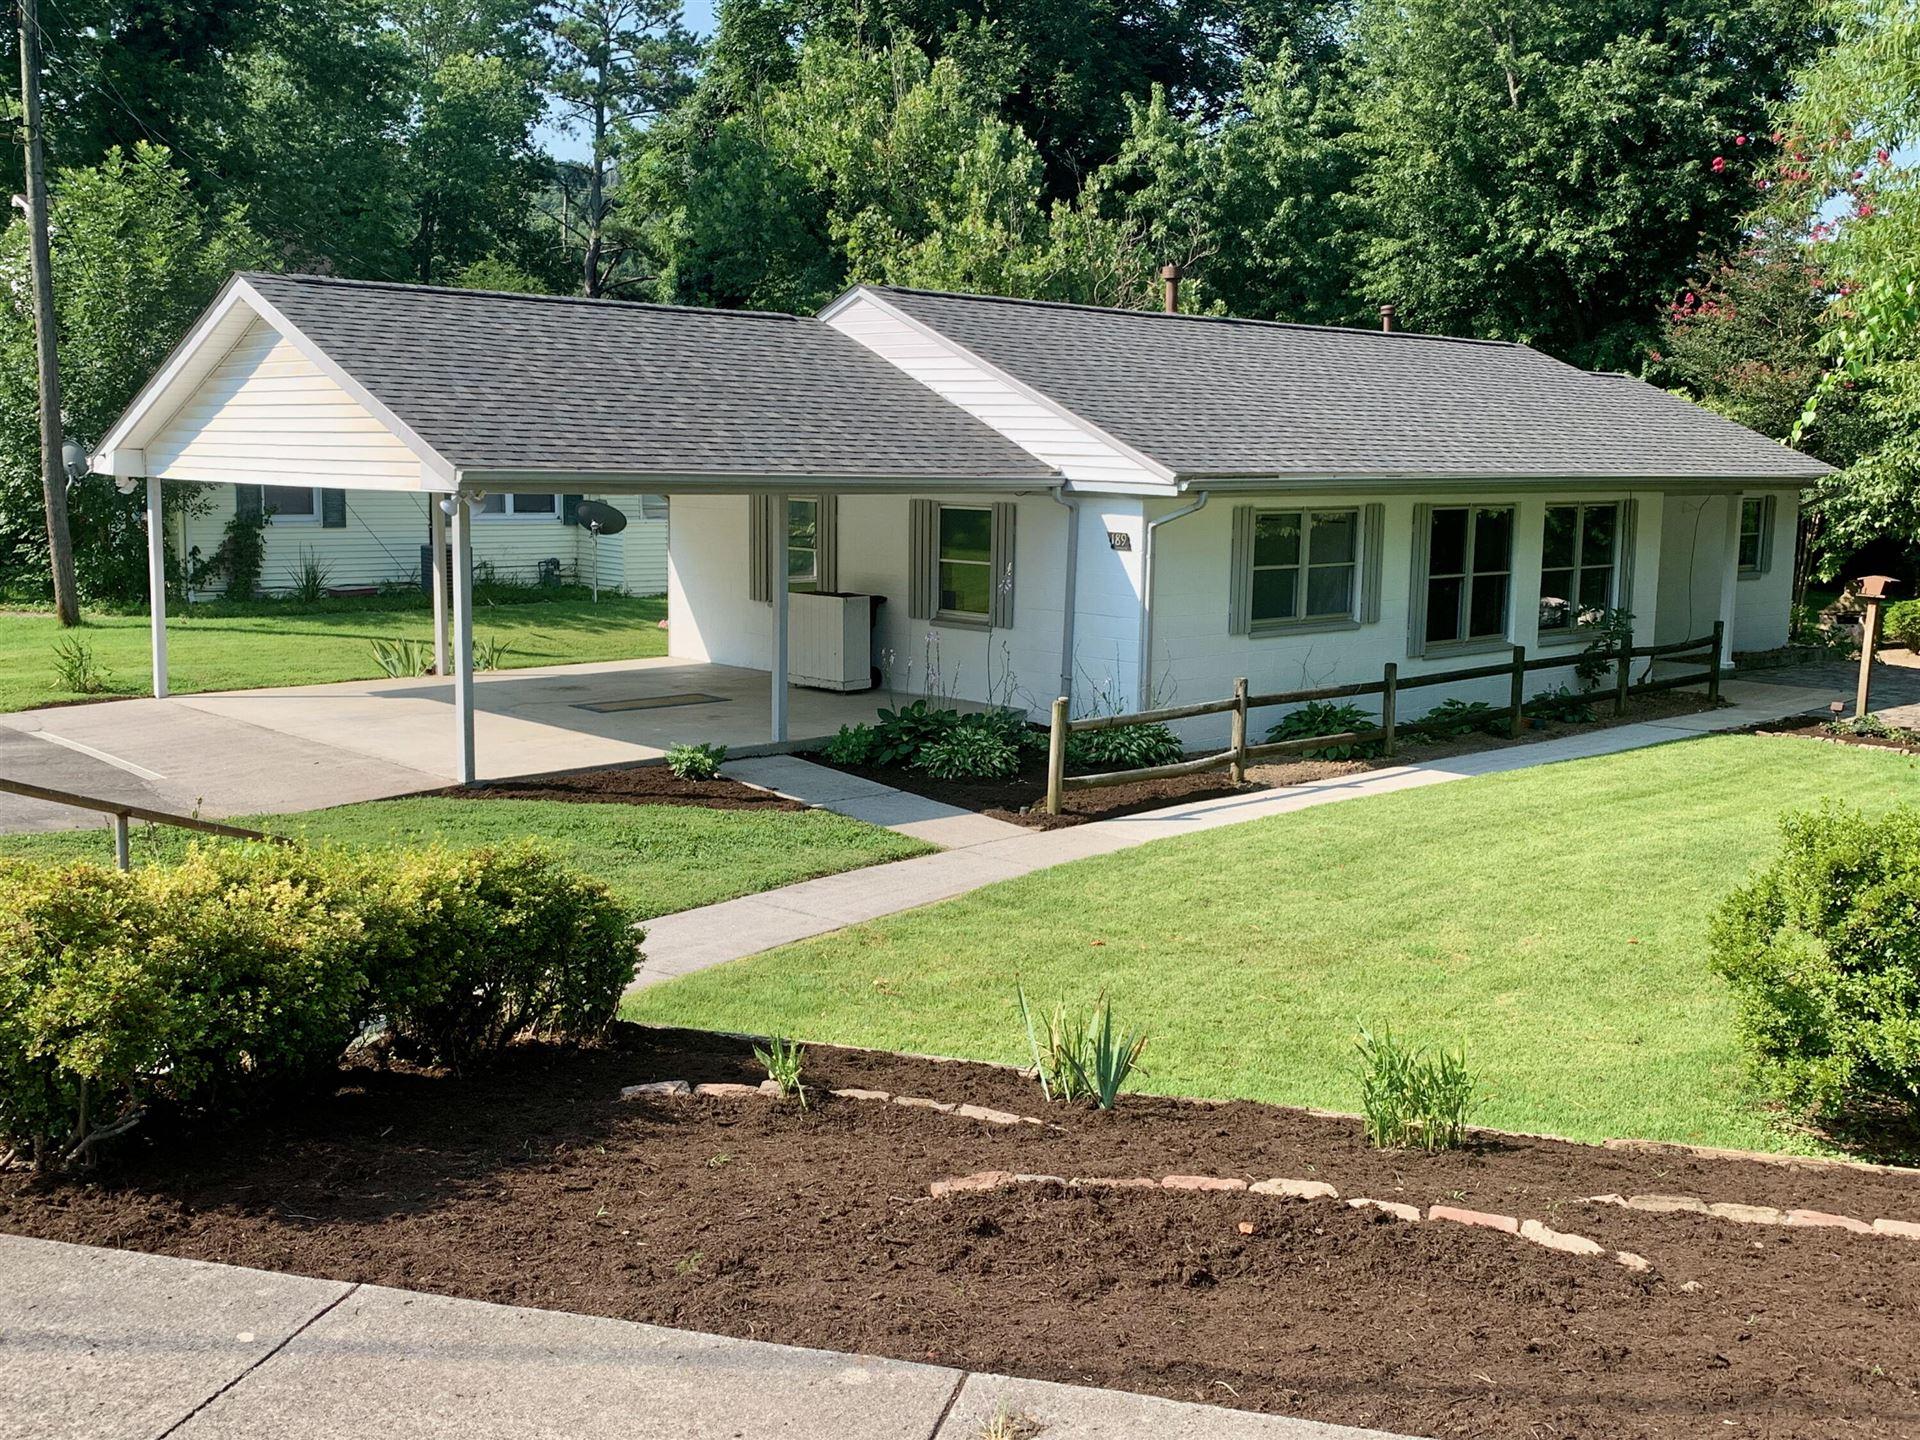 Photo of 189 S Purdue Ave, Oak Ridge, TN 37830 (MLS # 1161912)